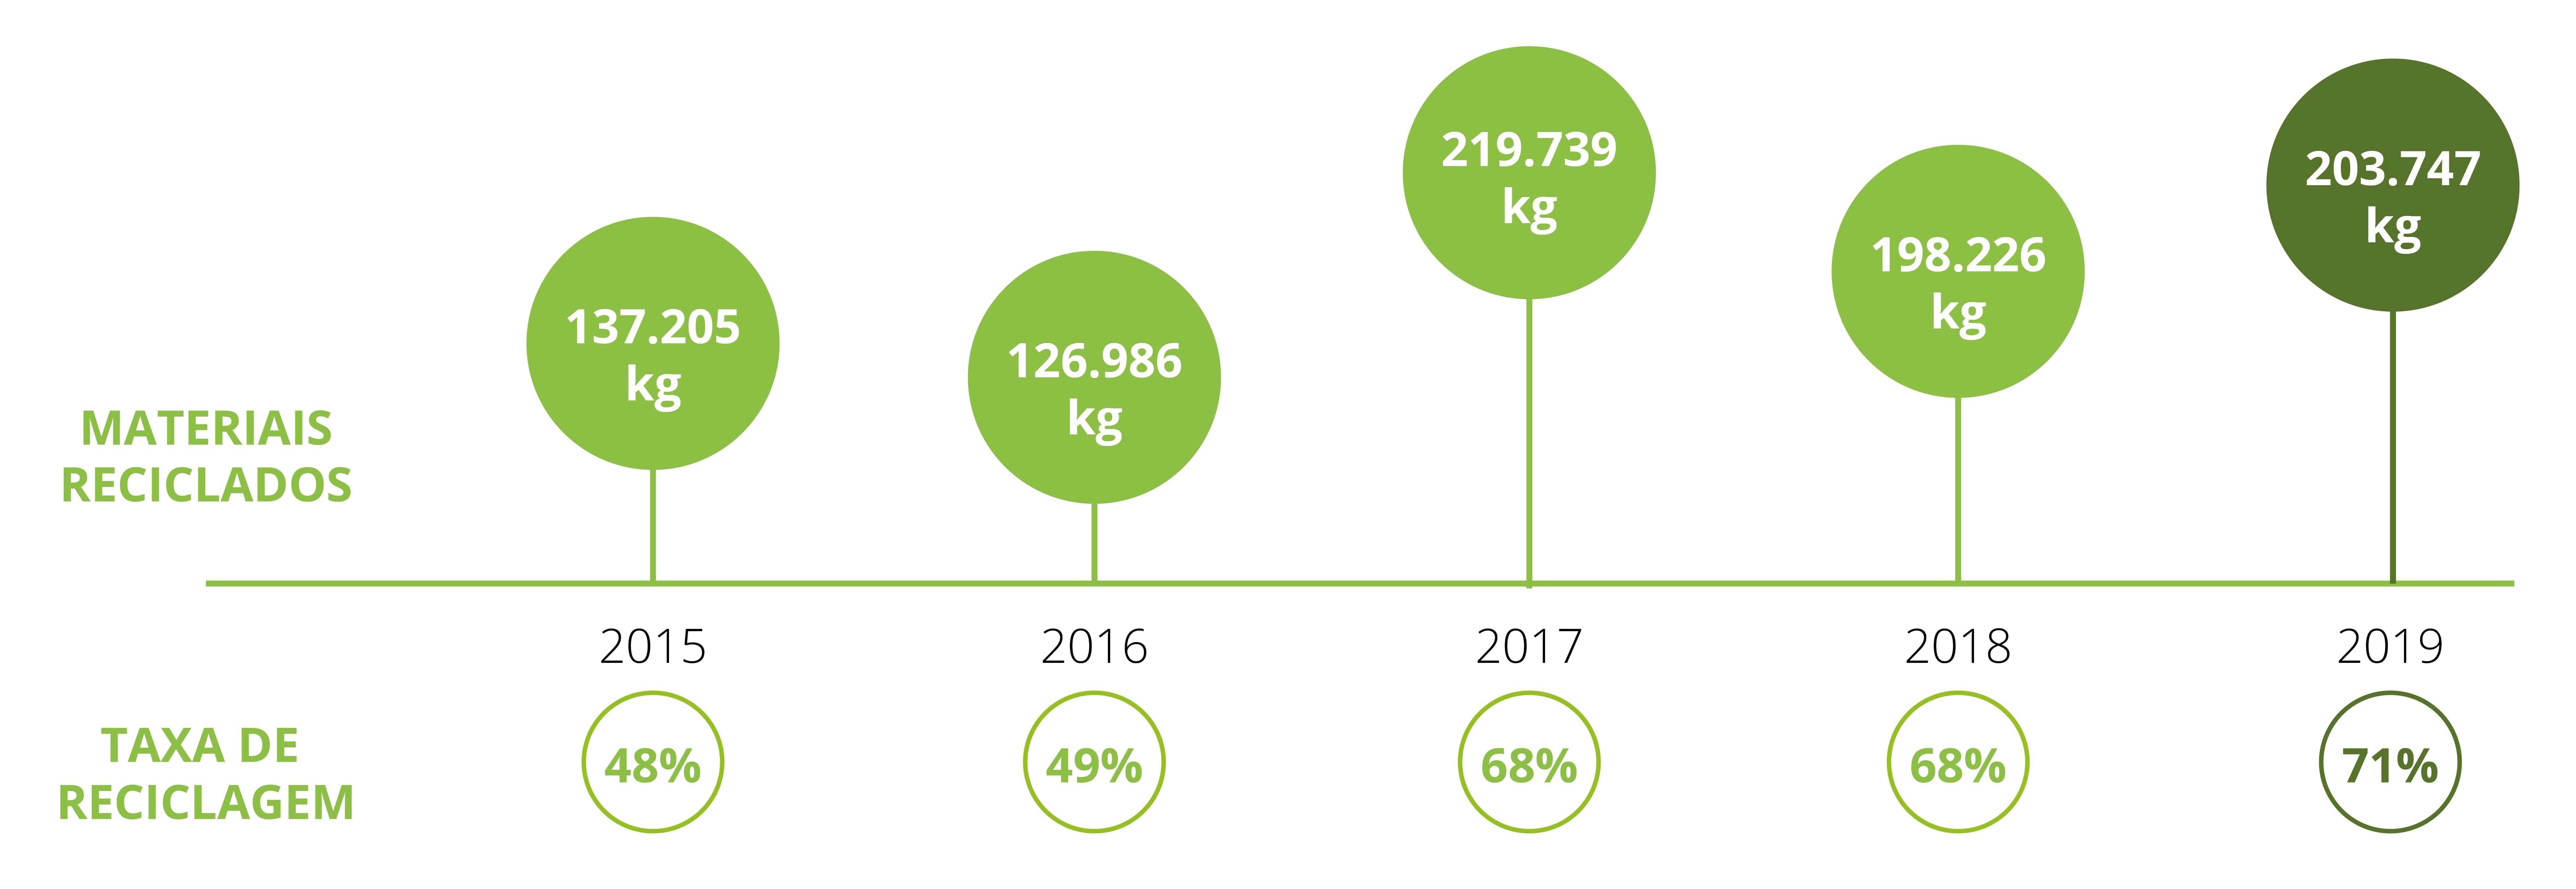 Linha do tempo FEIRA APAS - Resultados com a Gestão de Resíduos da Eccaplan